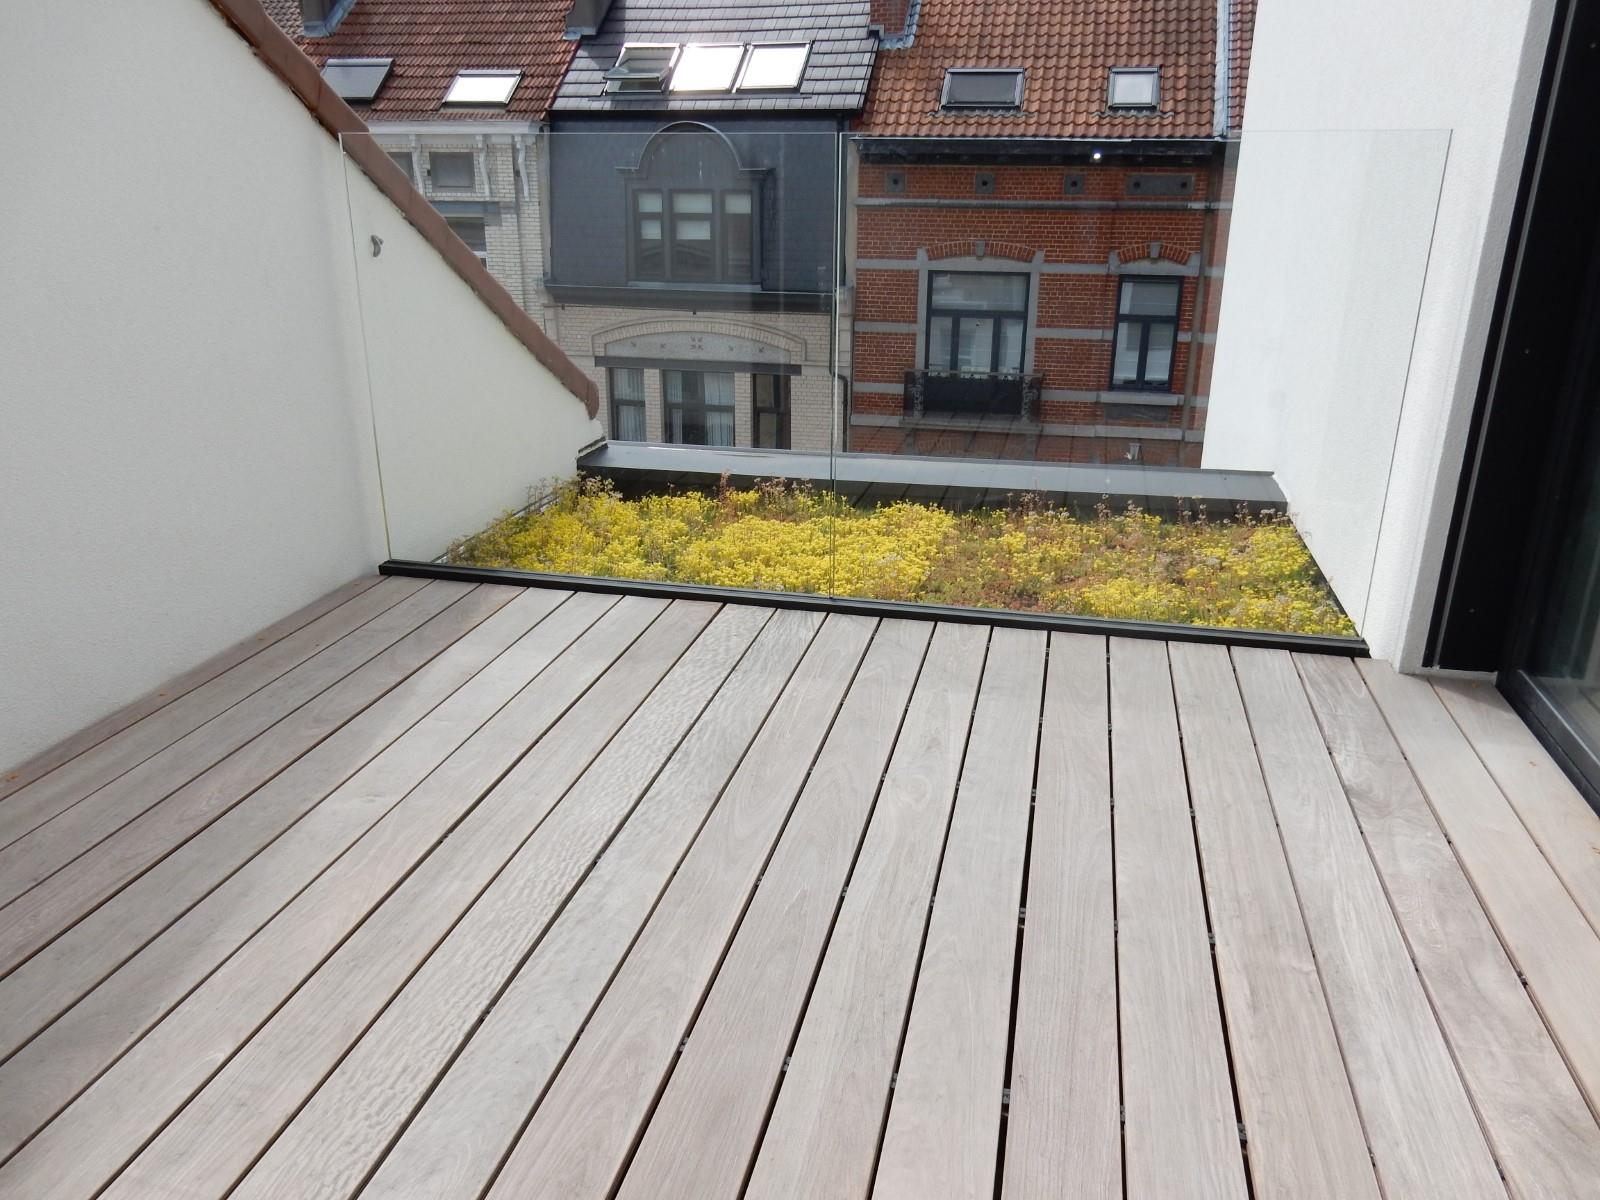 Appartement exceptionnel - Ixelles - #3791385-15